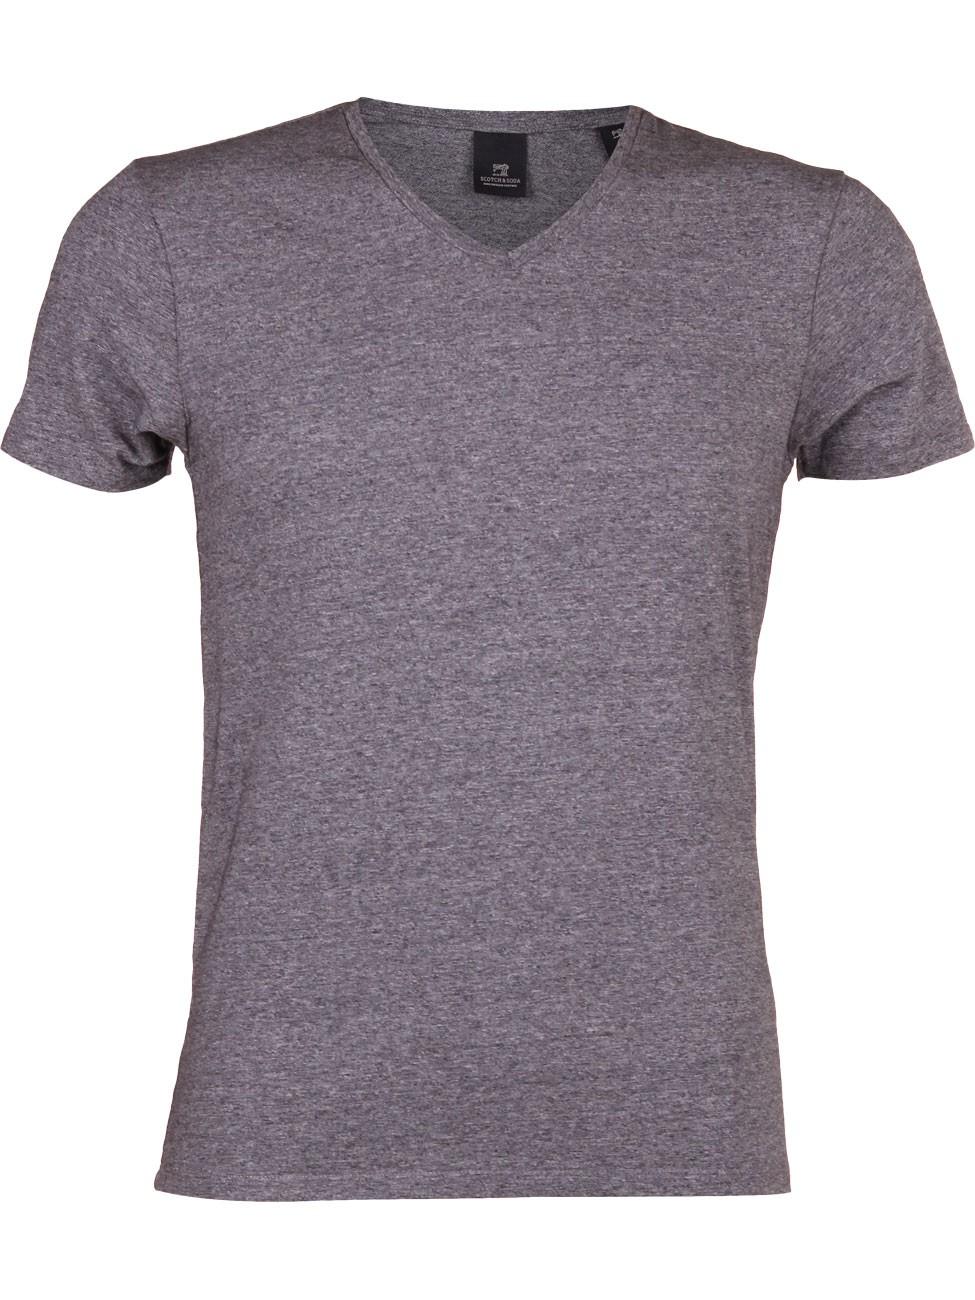 Scotch & Soda Herren T-Shirt V-Ausschnitt Classic